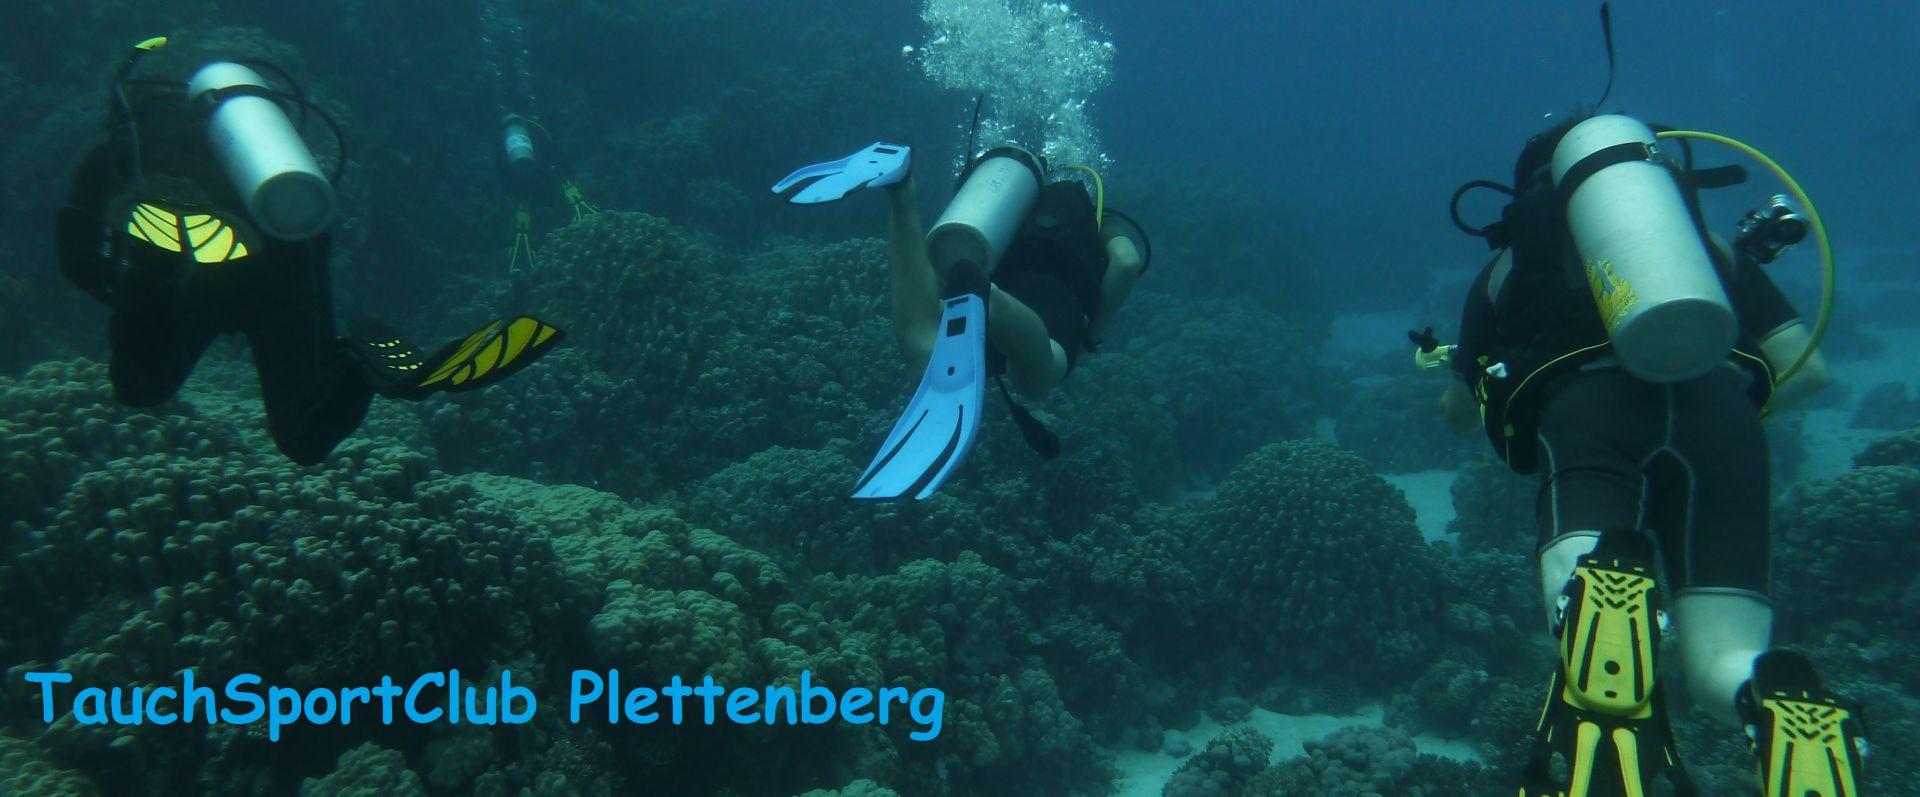 Tauchsportclub Plettenberg